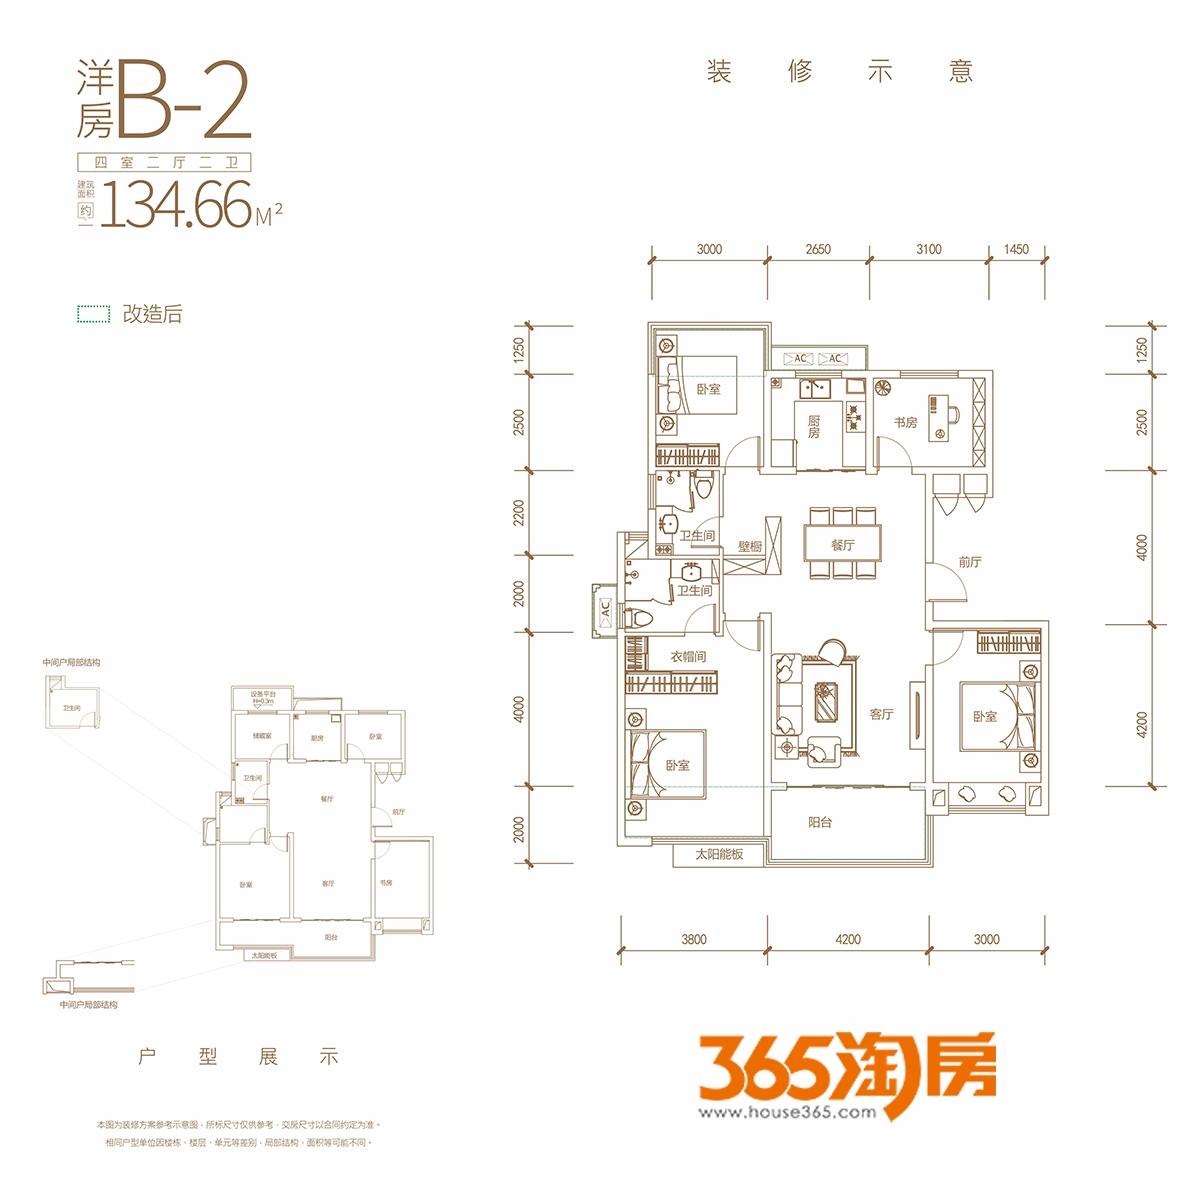 蓝光公园1号B-2洋房134.66户型图